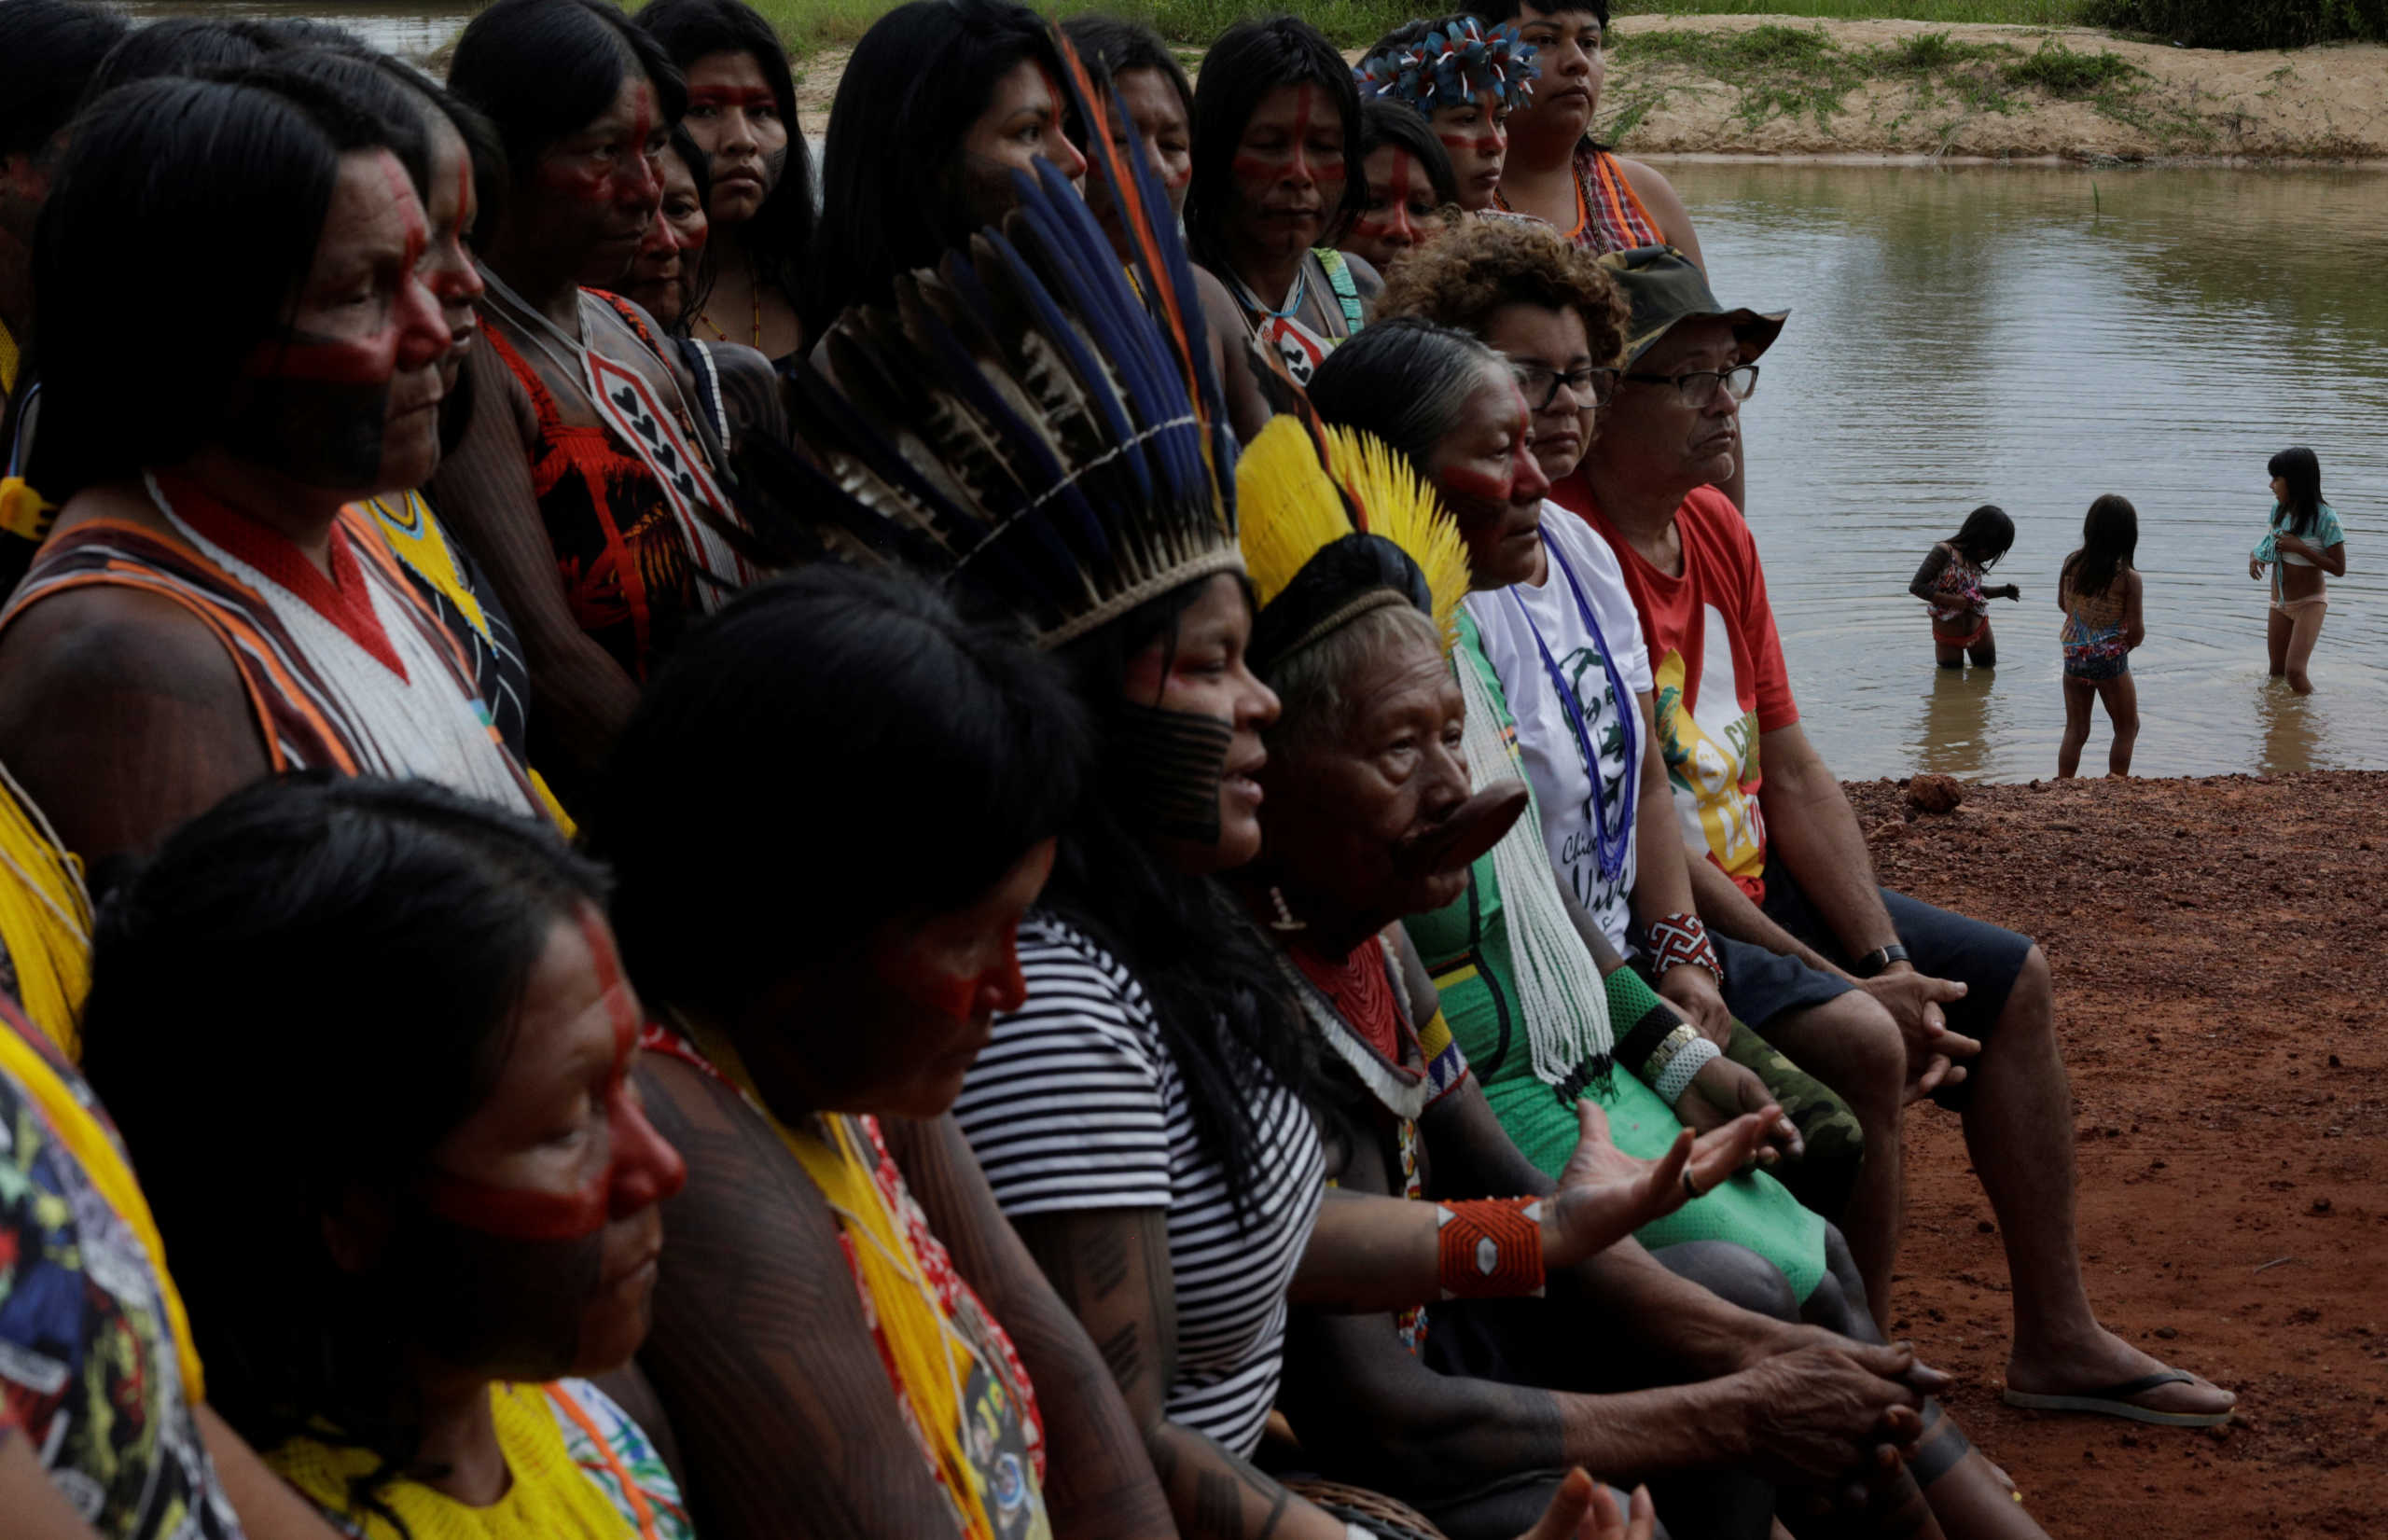 """Αμαζόνιος: Ανησυχία για τους αυτόχθονες λόγω κορονοϊού! """"Ο Μπολσονάρο τους οδηγεί σε γενοτοκτονία"""""""